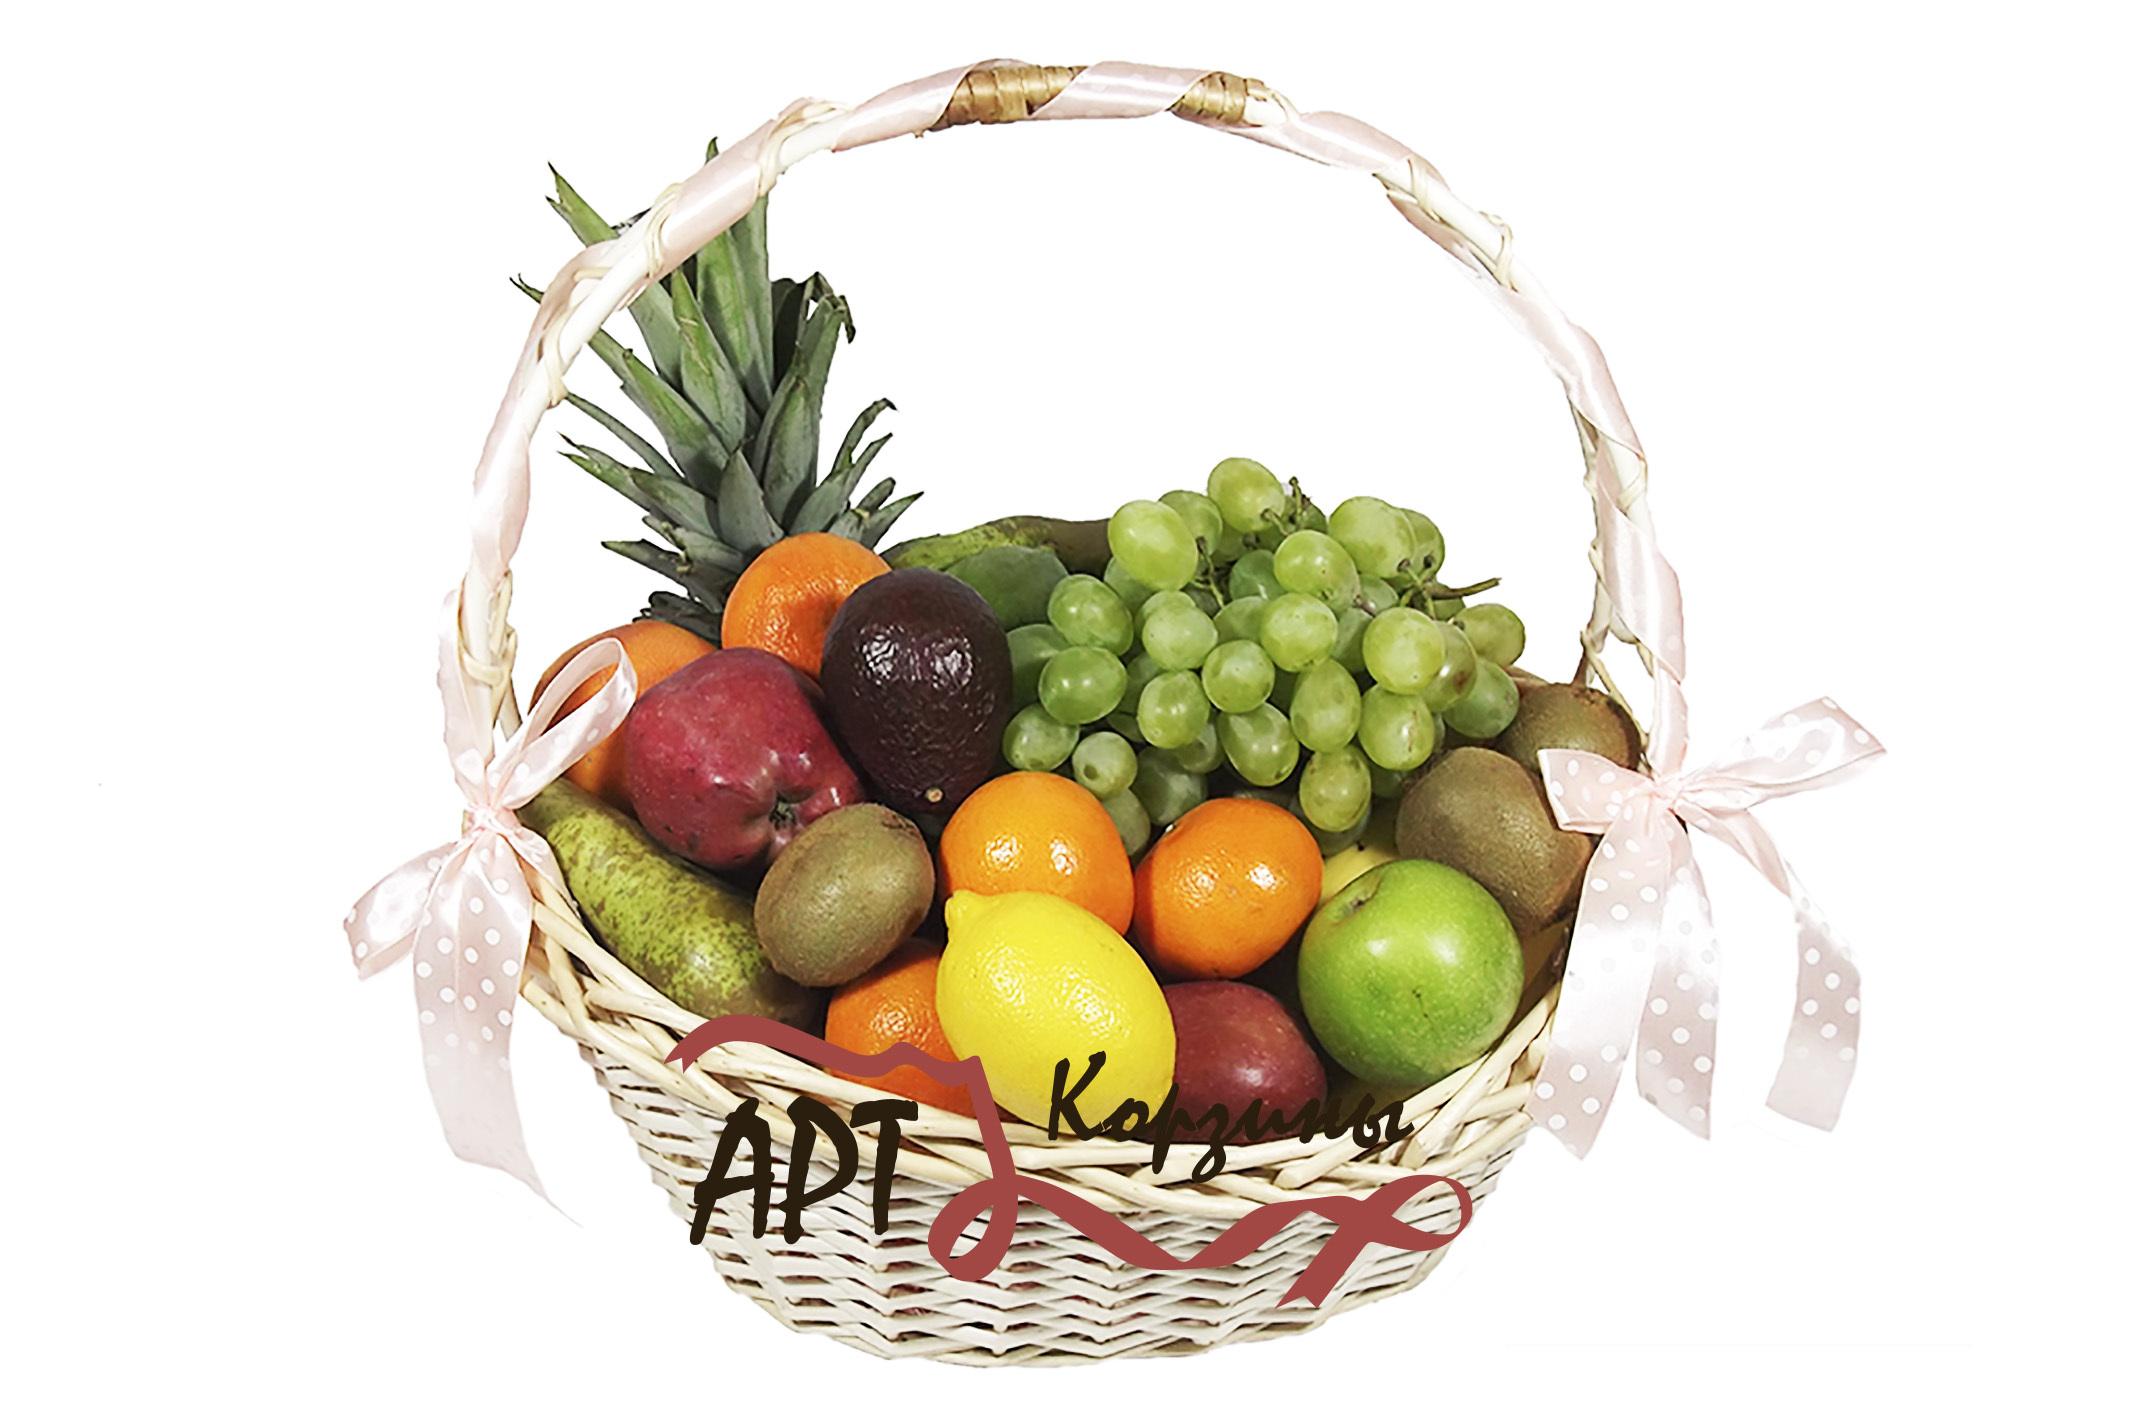 поздравление к подарку из корзины с фруктами столкнулись самой большой